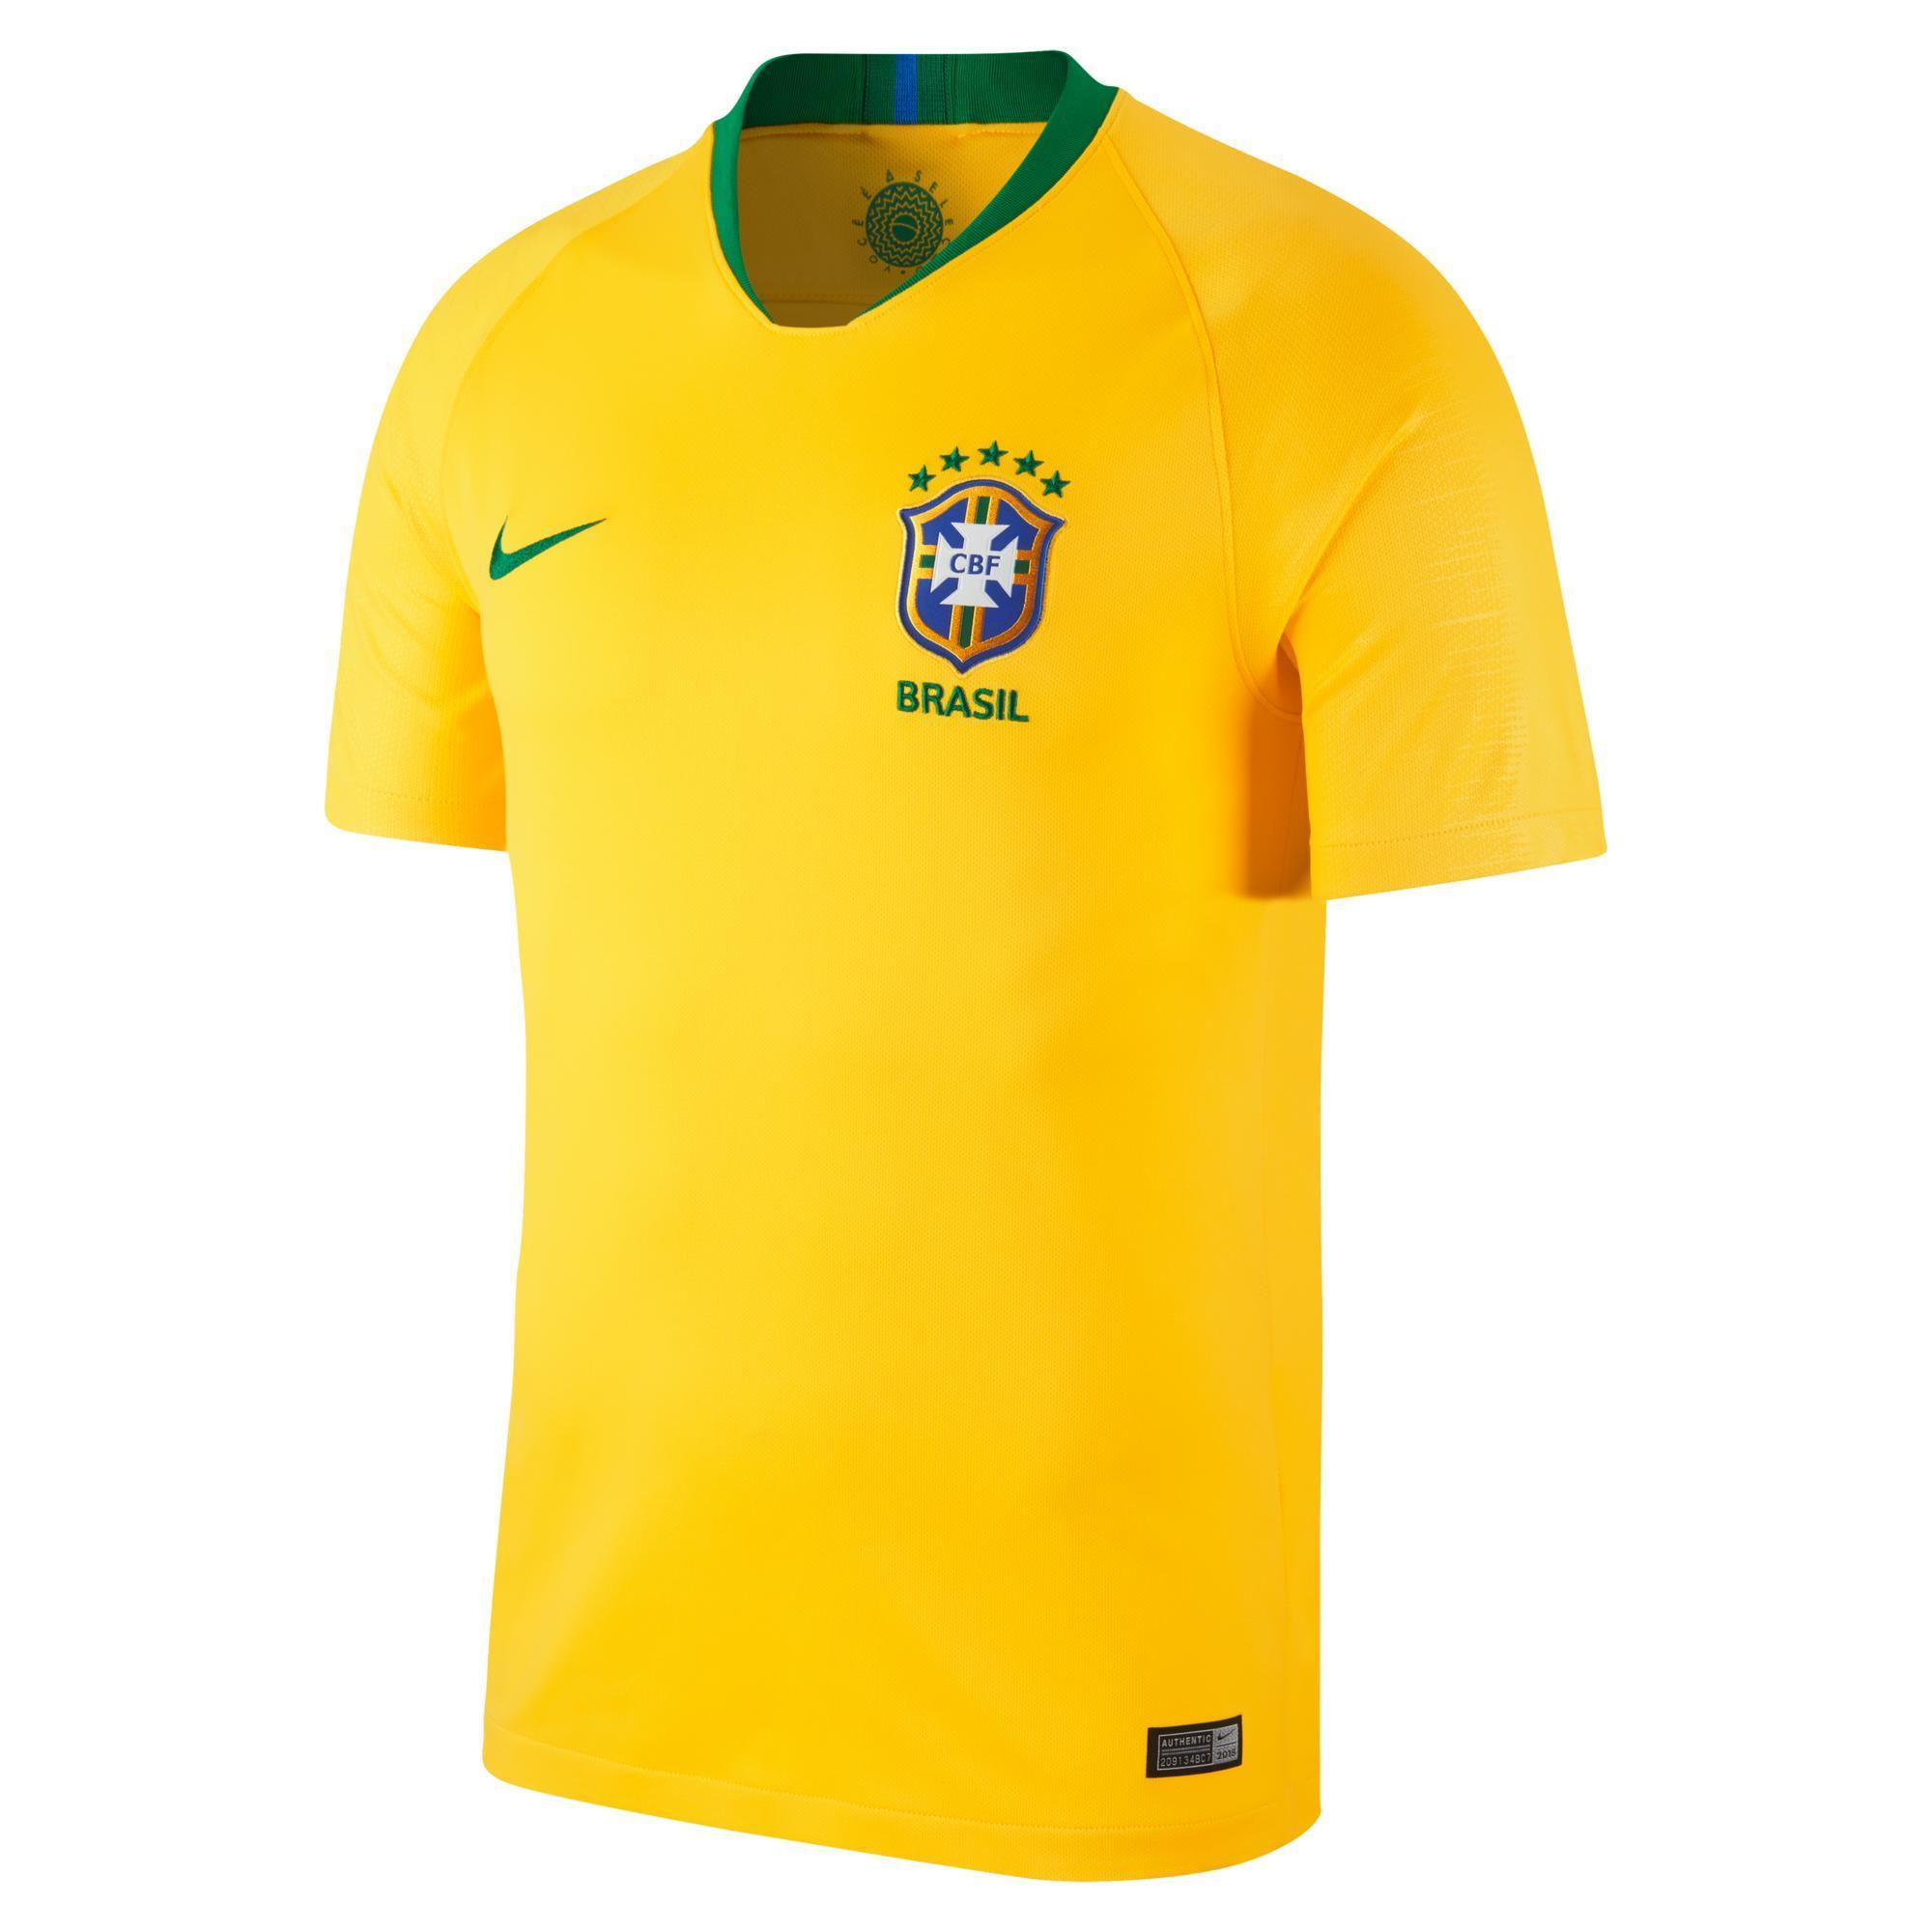 Nike Voetbalshirt Brazilië thuisshirt WK 2018 voor volwassenen geel